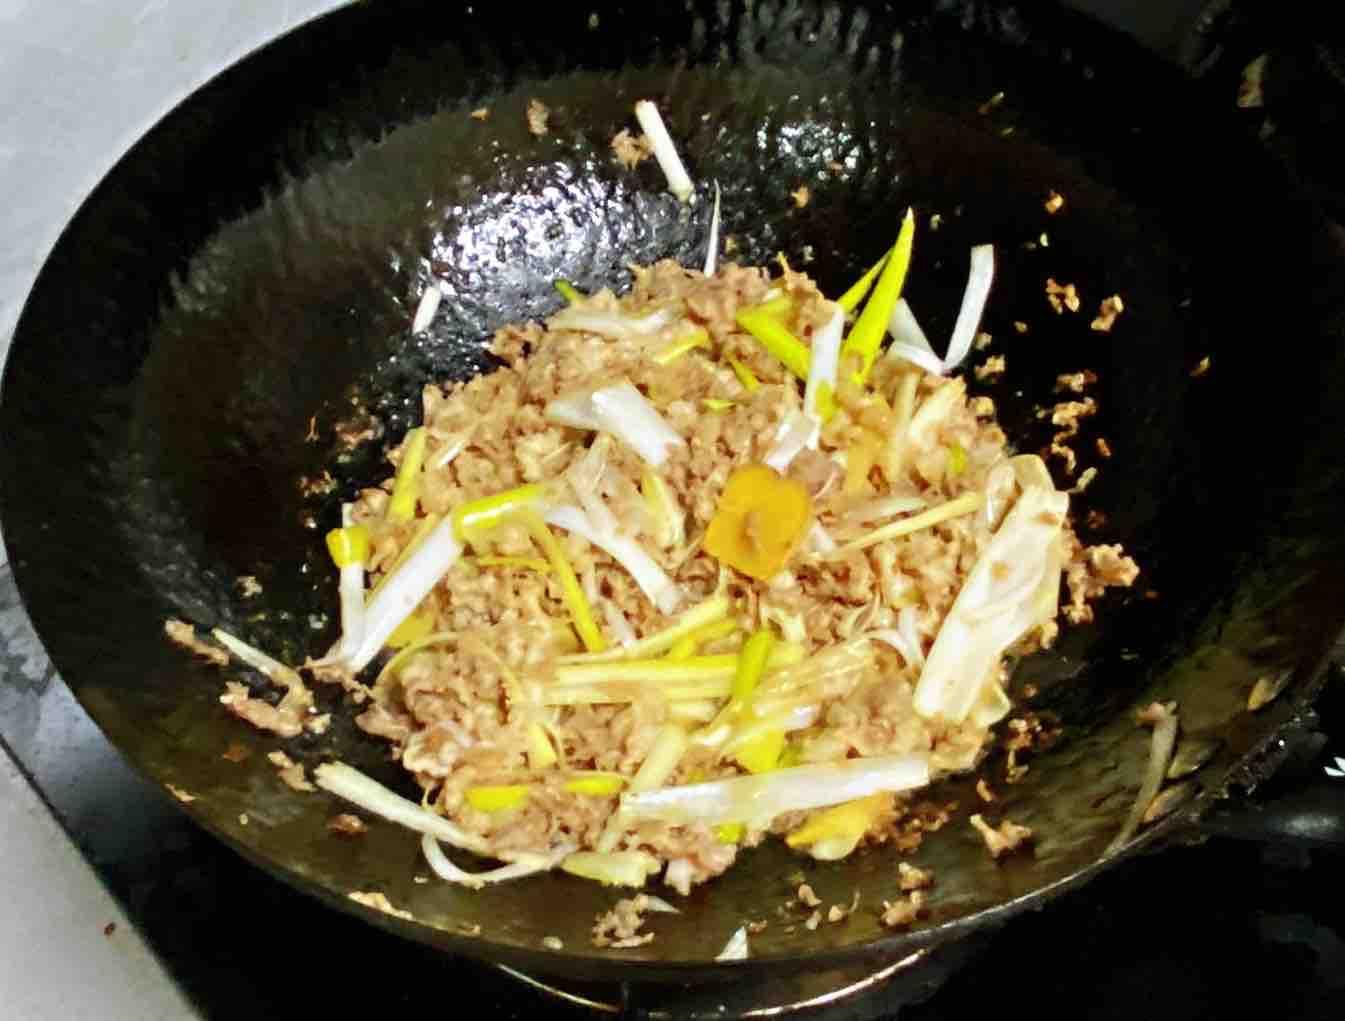 【孕妇食谱】葱爆羊肉,香而不膻,超级下饭~怎么煮